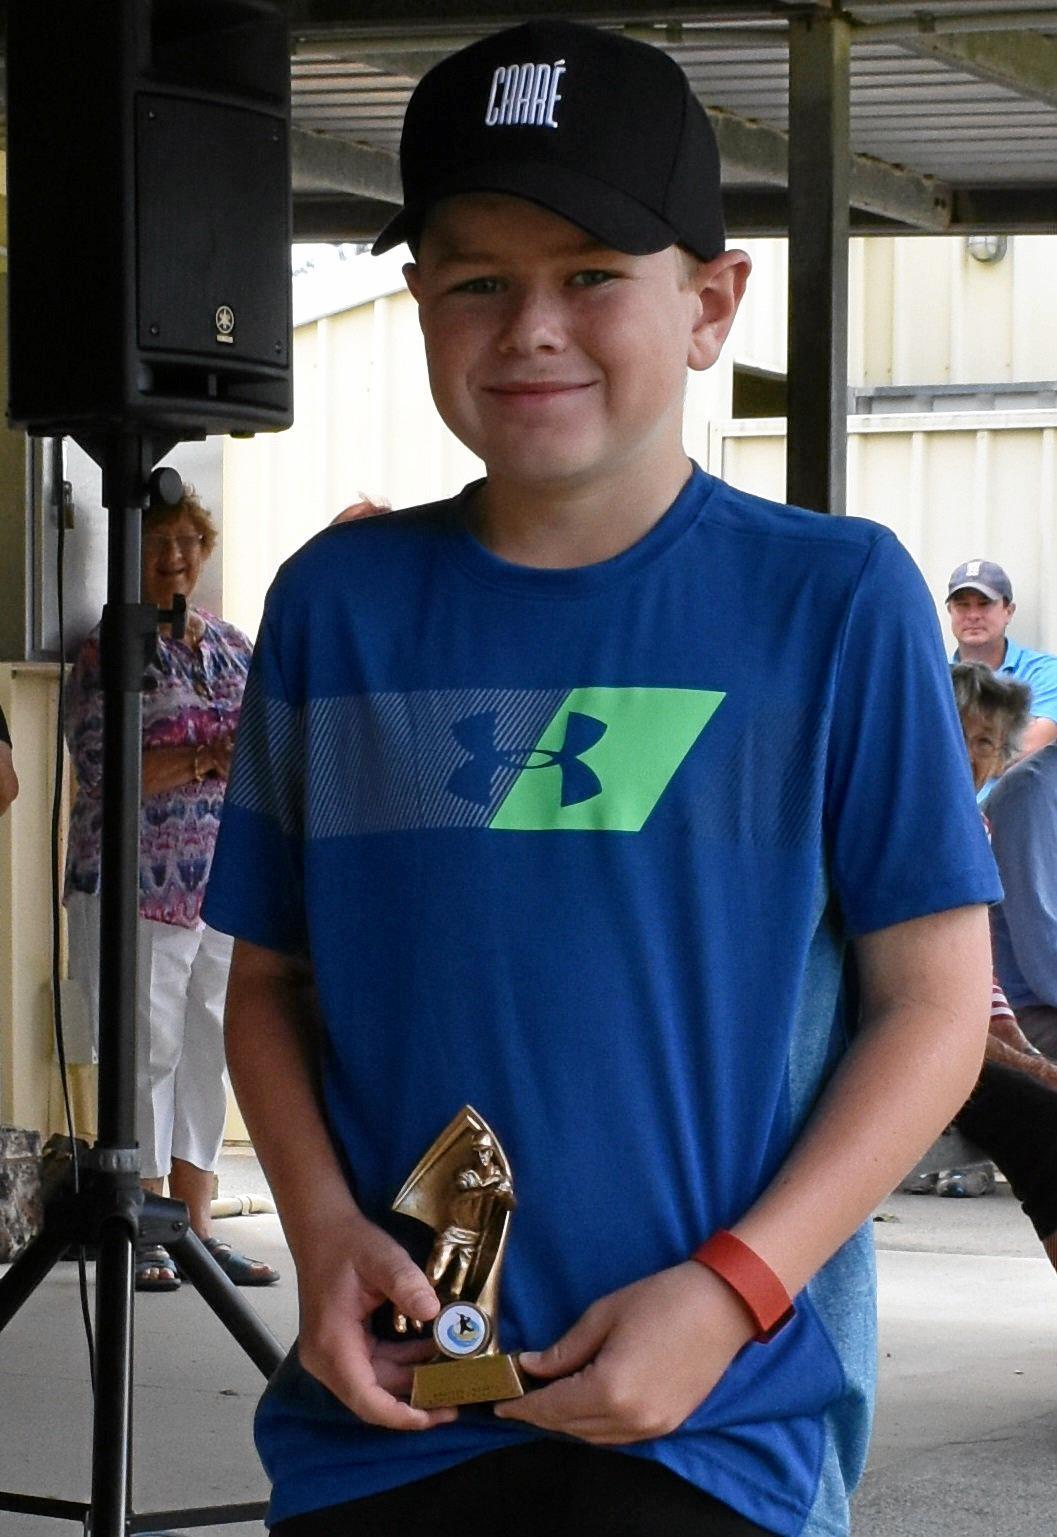 Best Fielder award for the Under 12s was won by Brayden Lindsay.